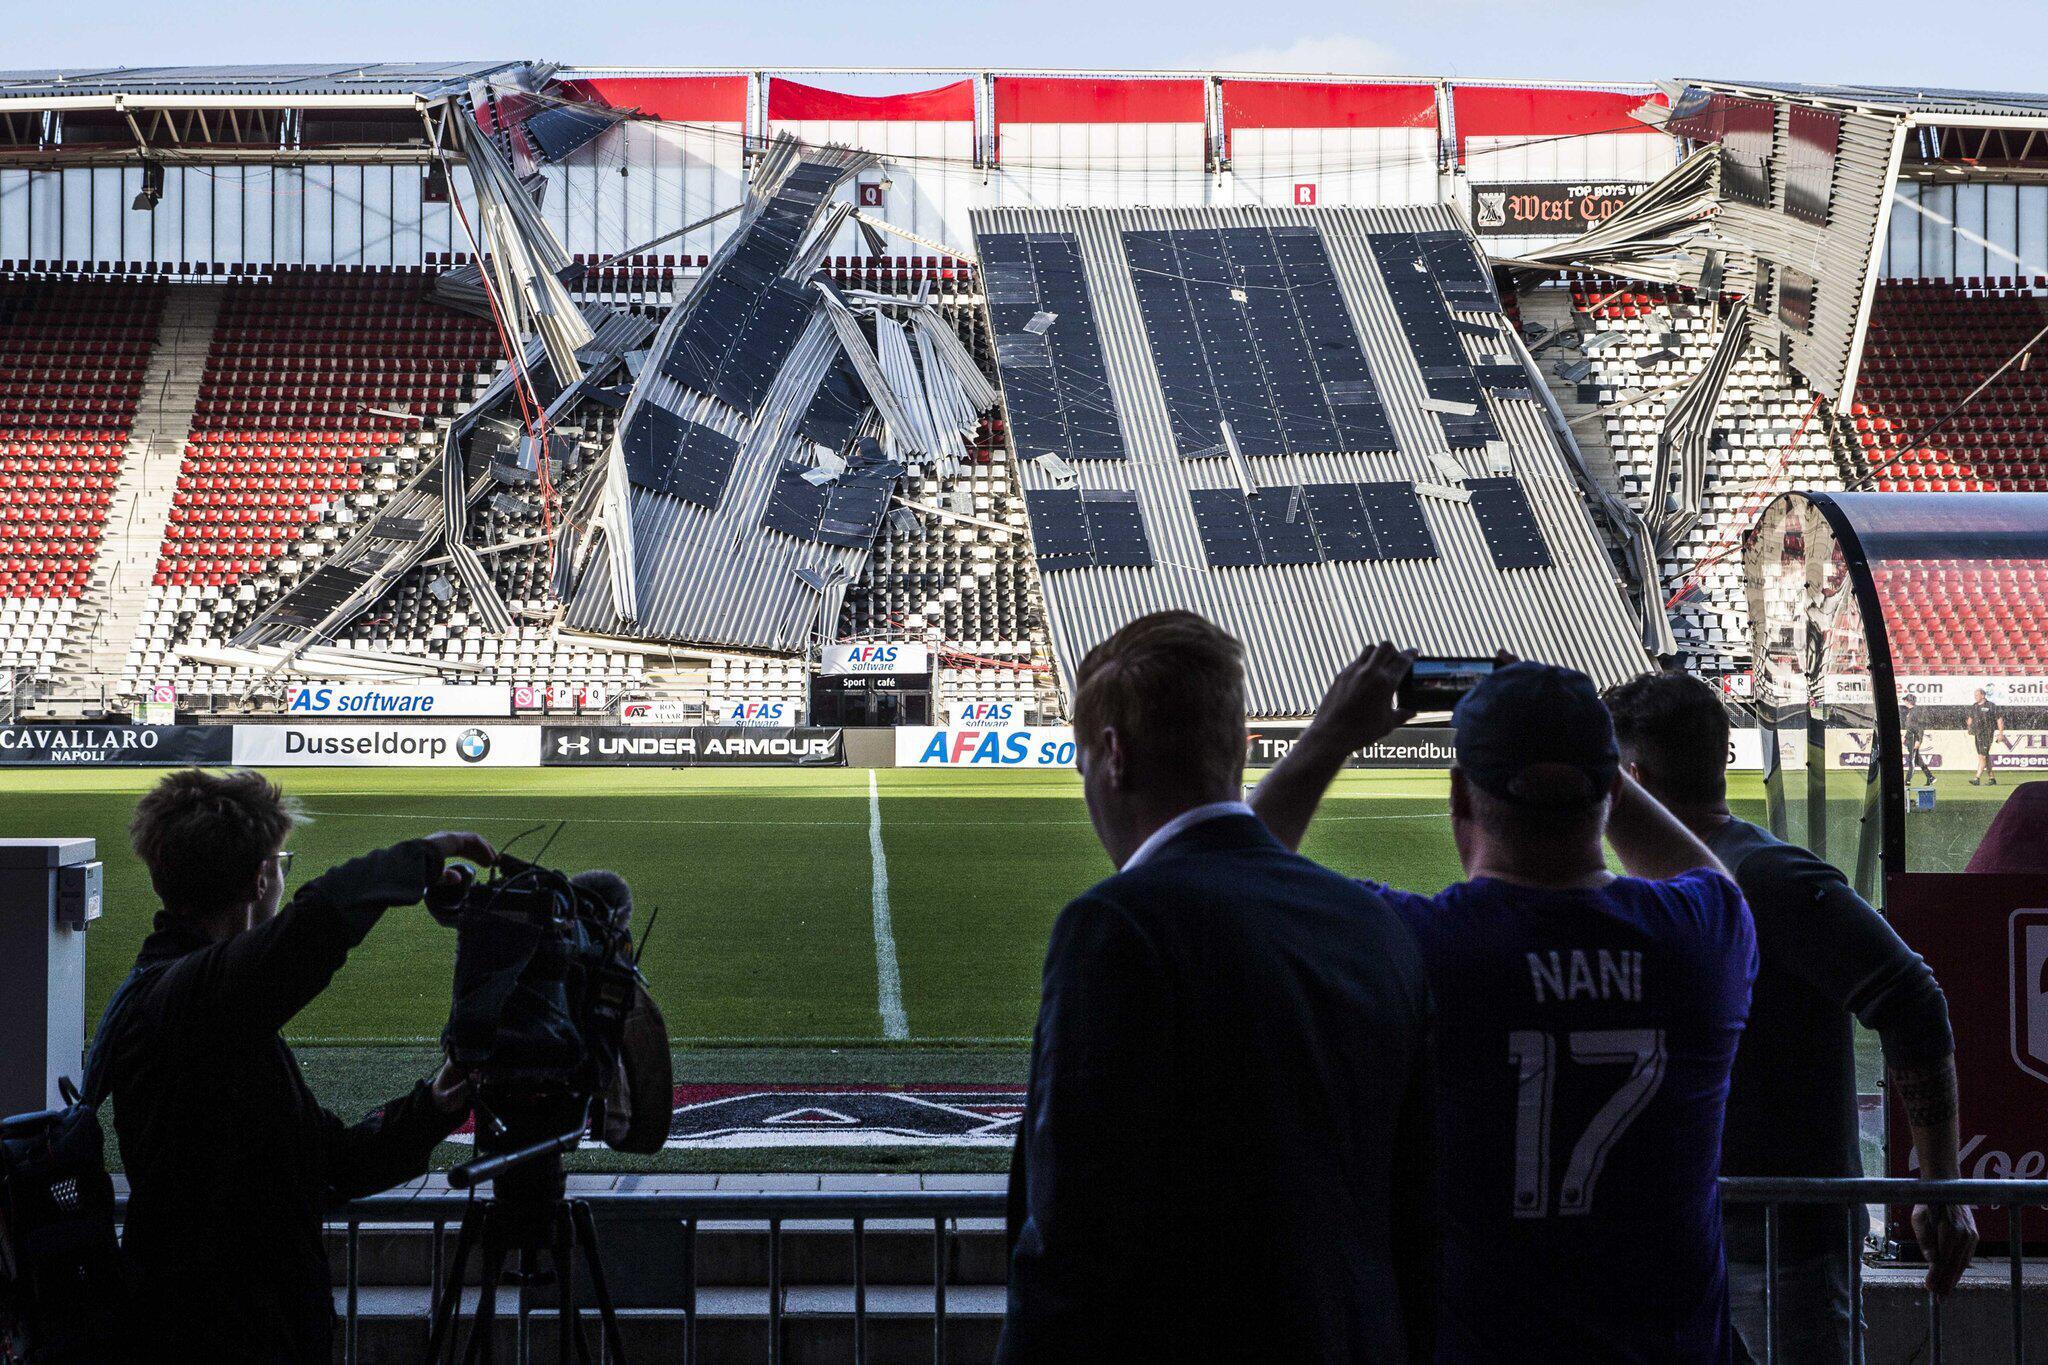 Bild zu Stadiondach in Alkmaar teilweise eingestürzt